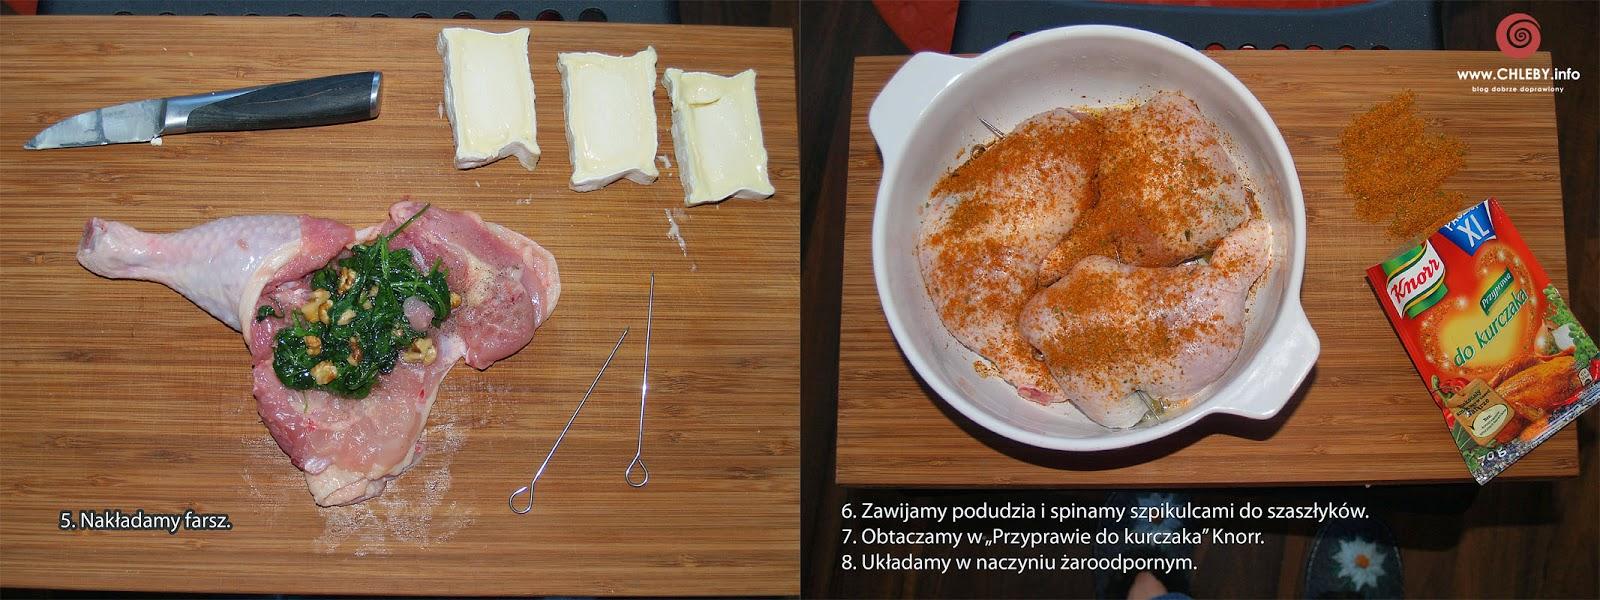 Udka faszerowane szpinakiem, serem i orzechami